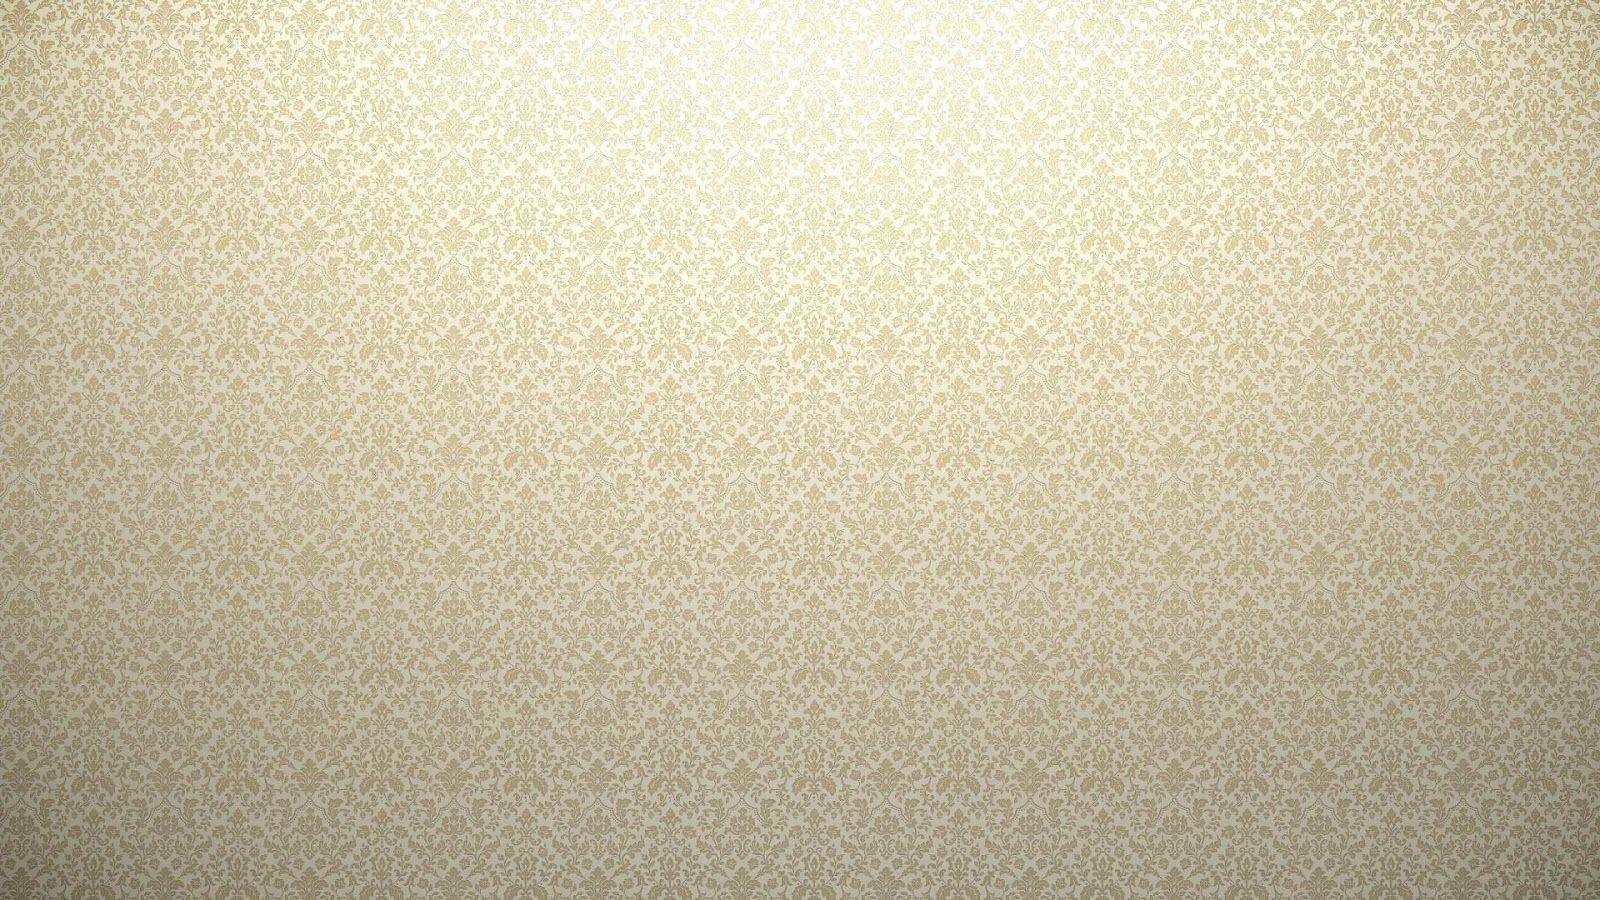 Plain Desktop Backgrounds 1600x900